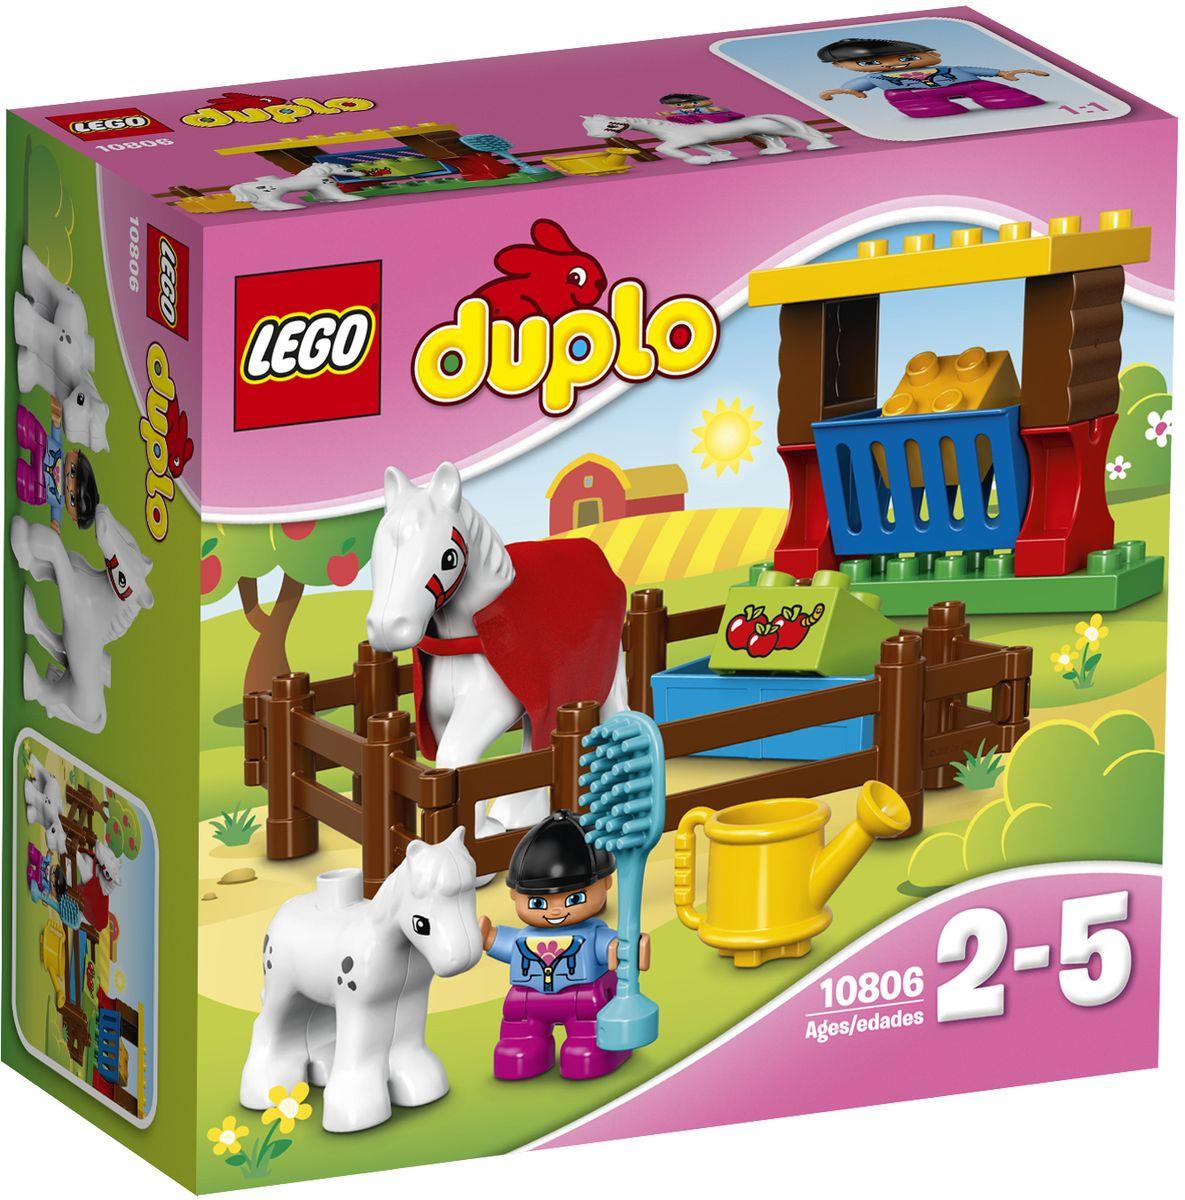 LEGO DUPLO Конструктор Лошадки 10806